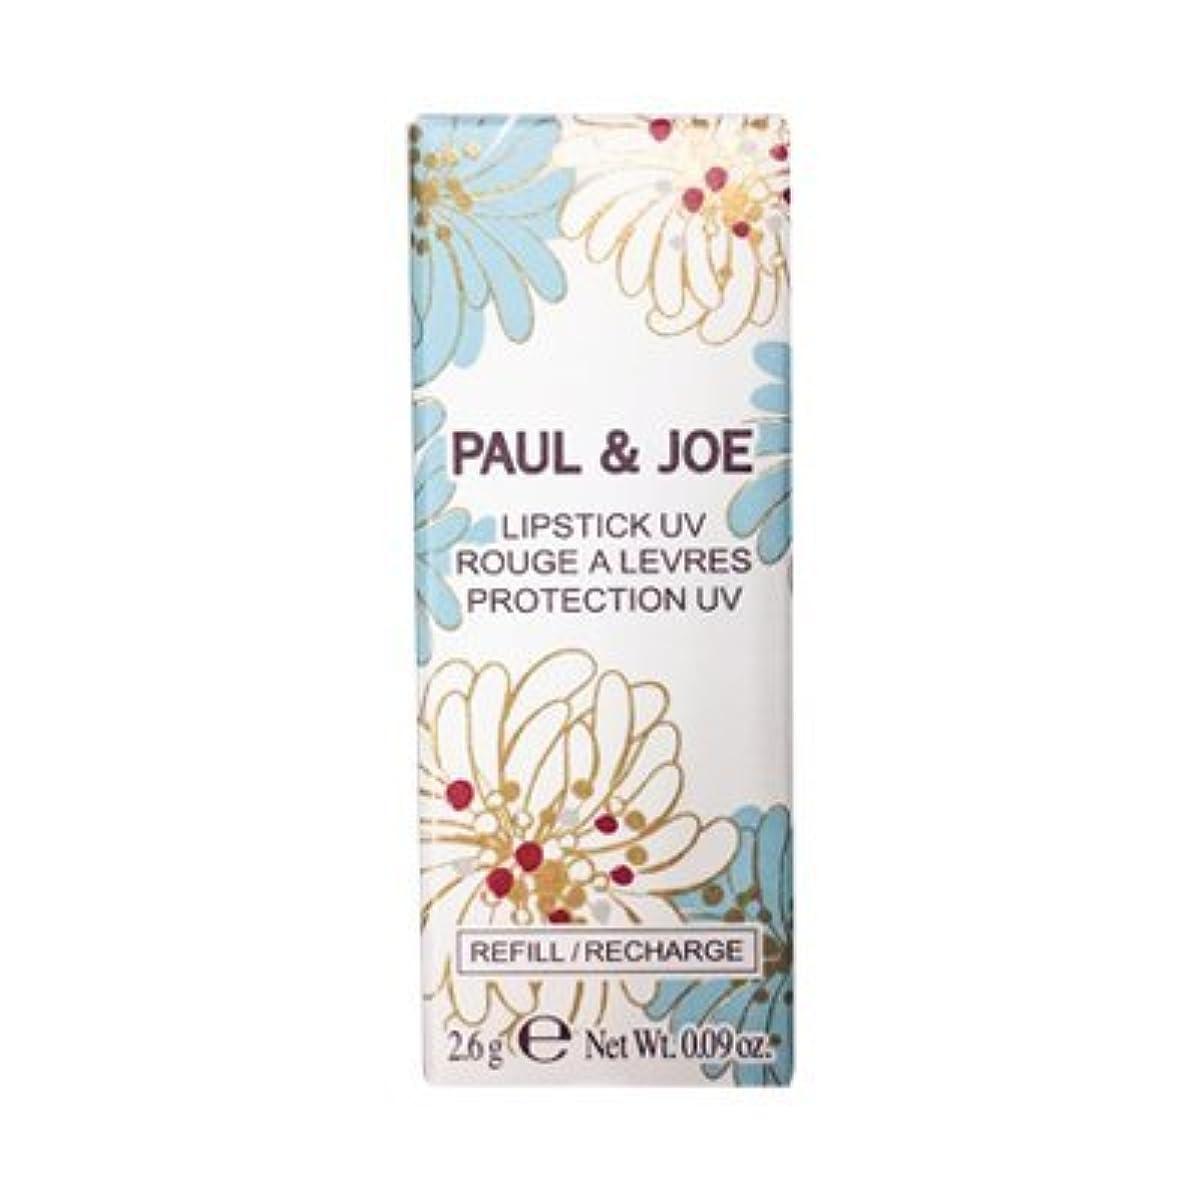 同様の人工的な同性愛者ポール & ジョー / PAUL & JOE リップスティック UV (レフィル) #403 [ リップケア ] [並行輸入品]